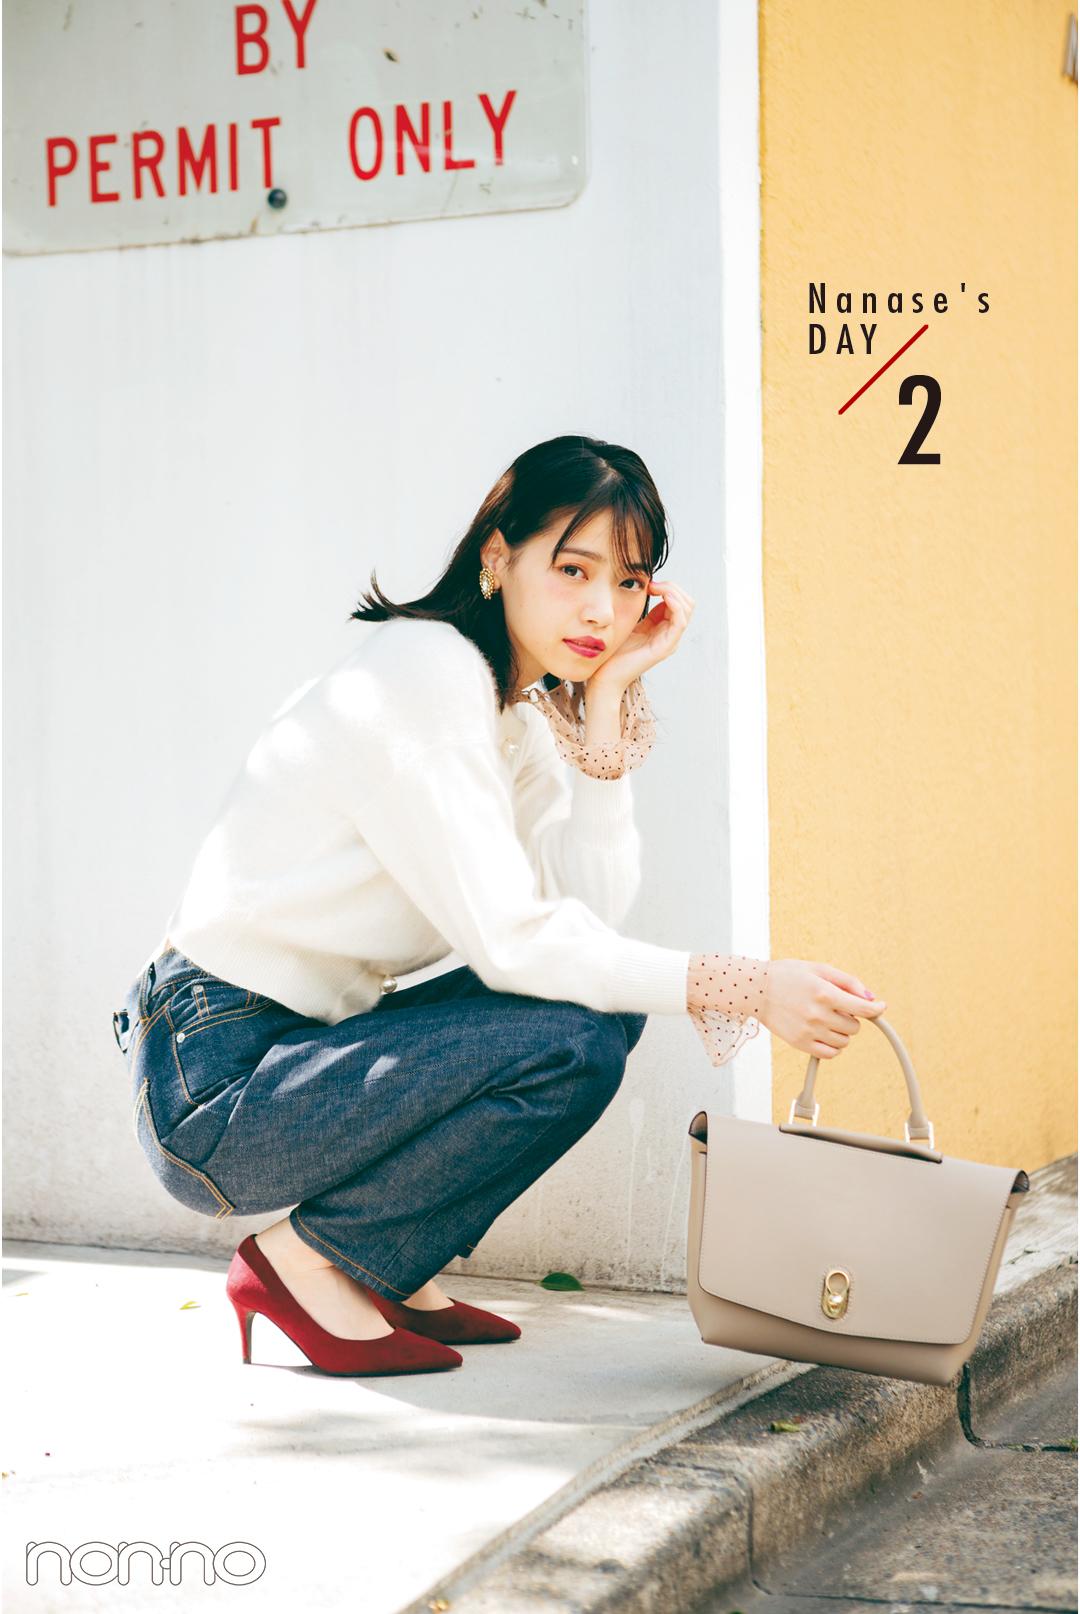 Nanase's DAY2